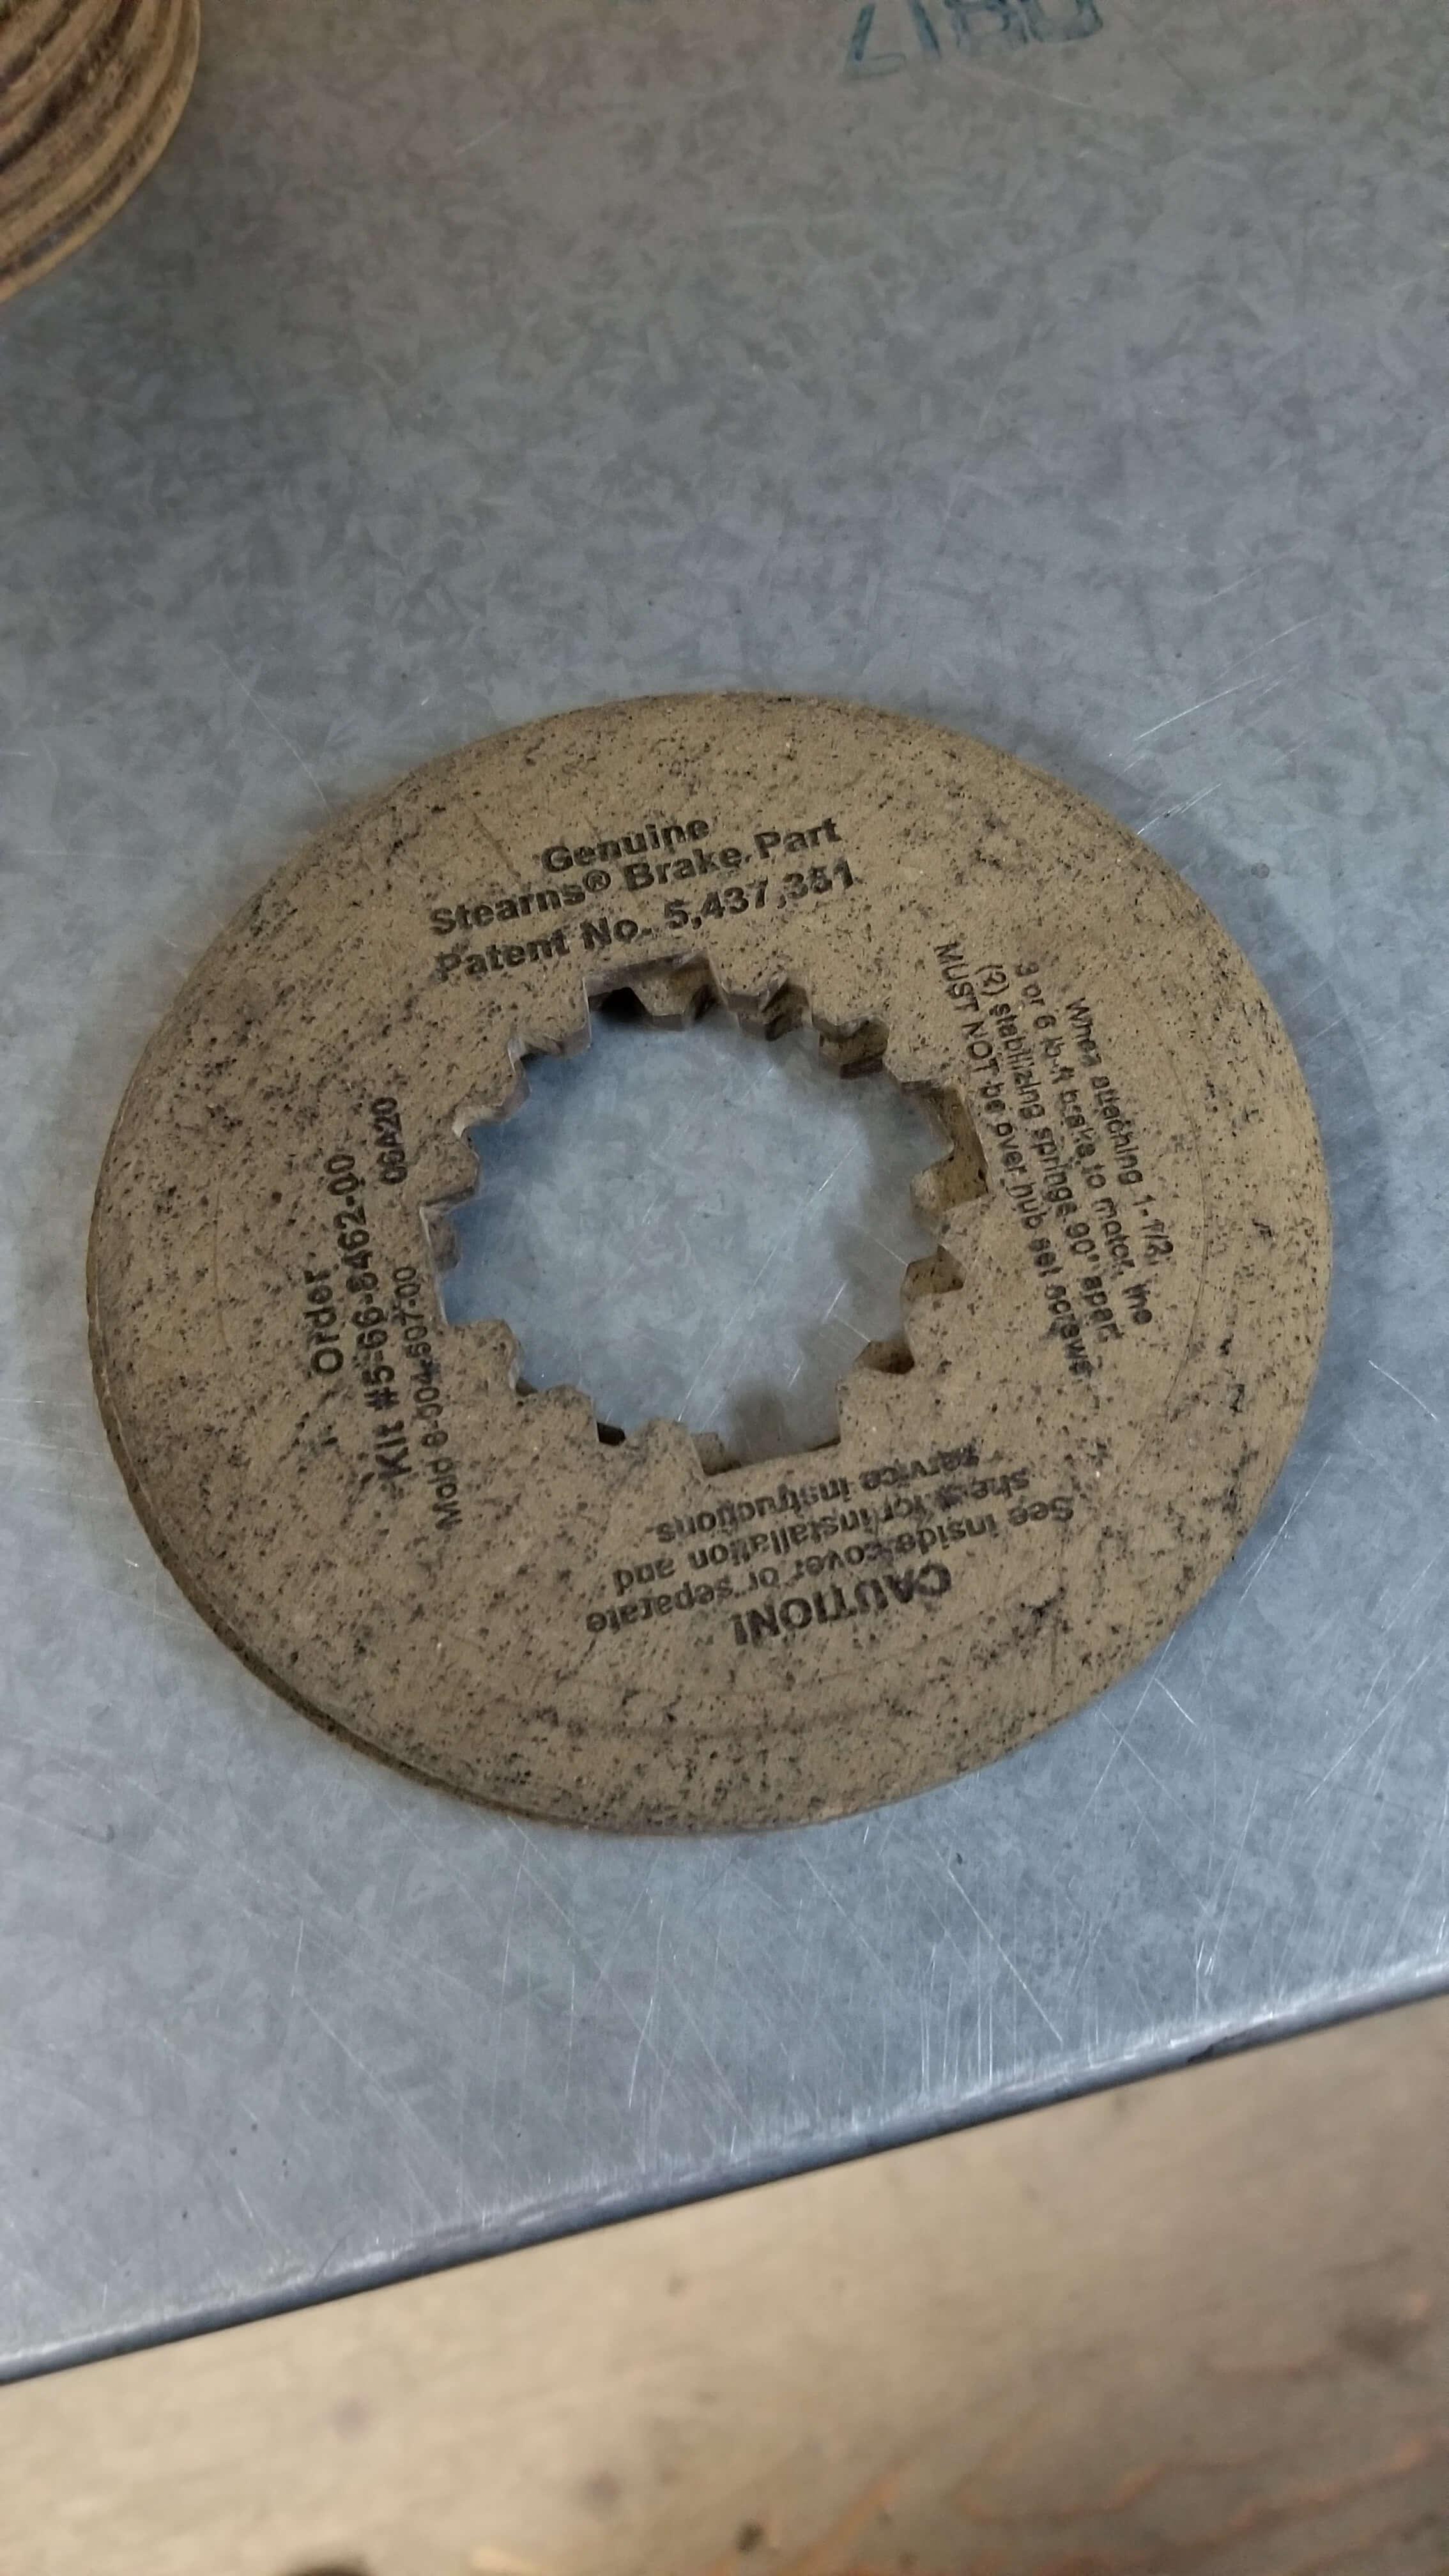 Stearns Brake Disc  P/N: 5 66 8462 00 $270.00